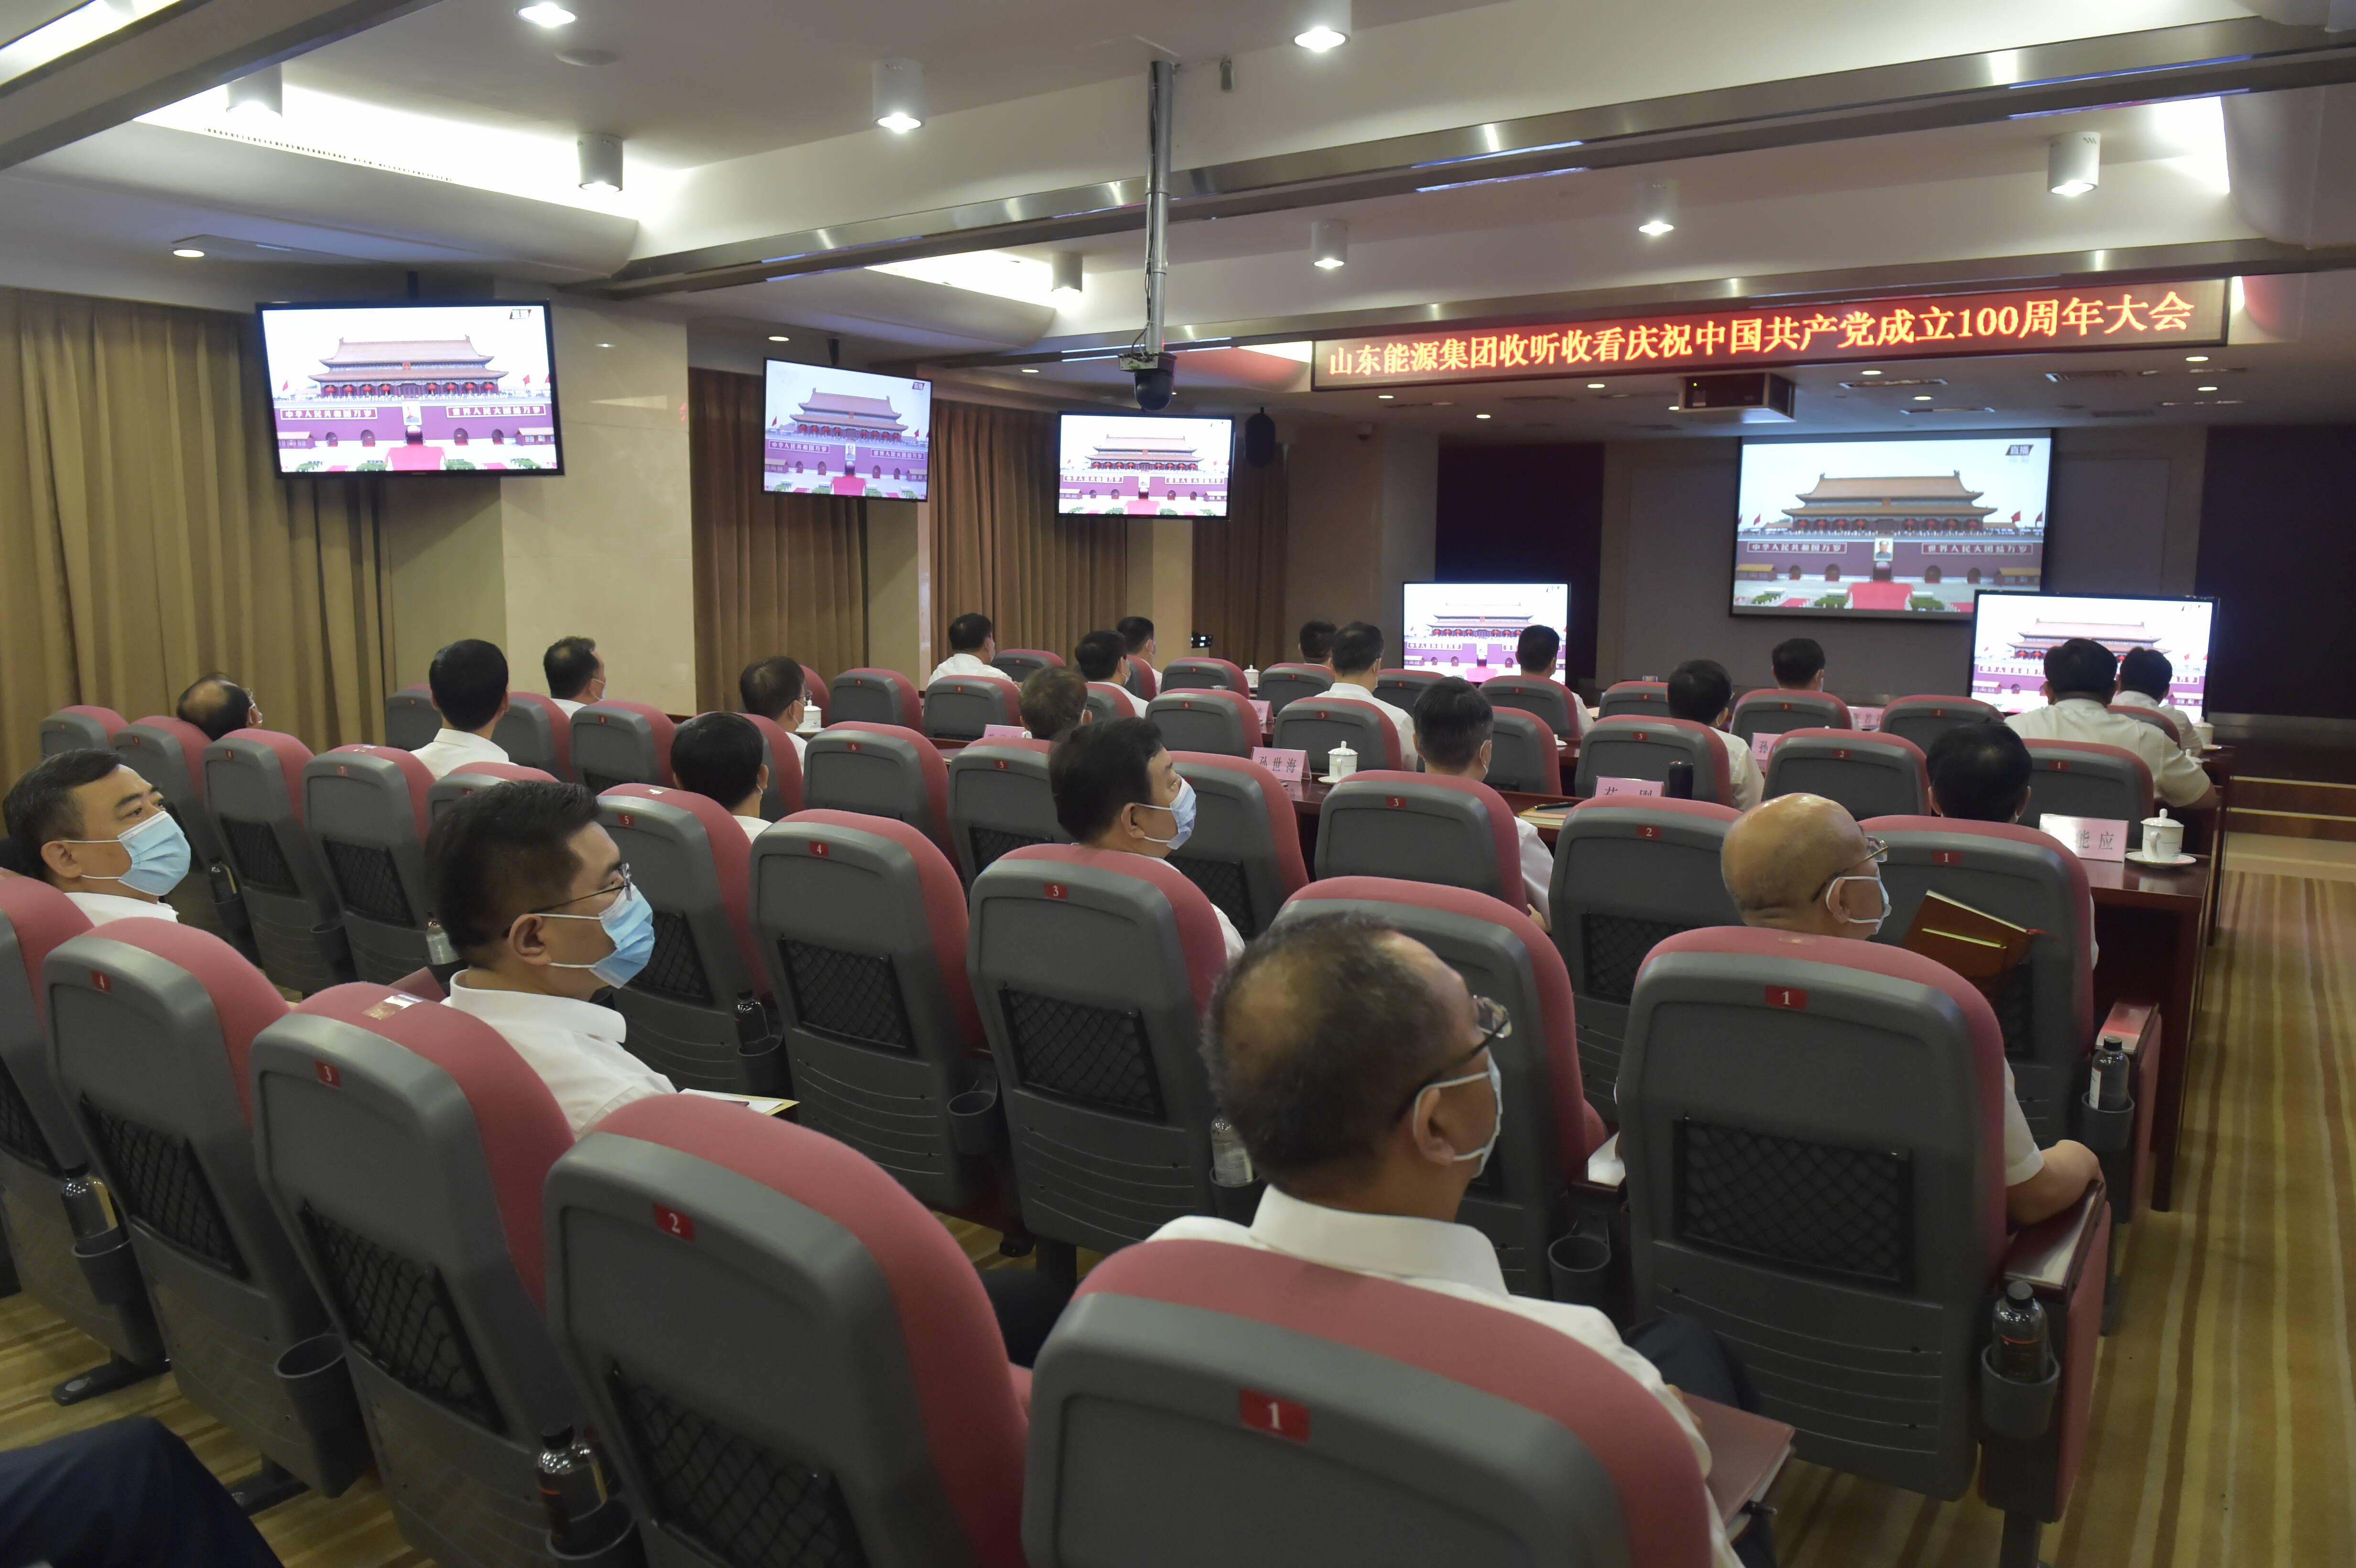 山东能源集团组织党员干部收看庆祝中国共产党成立100周年大会直播盛况